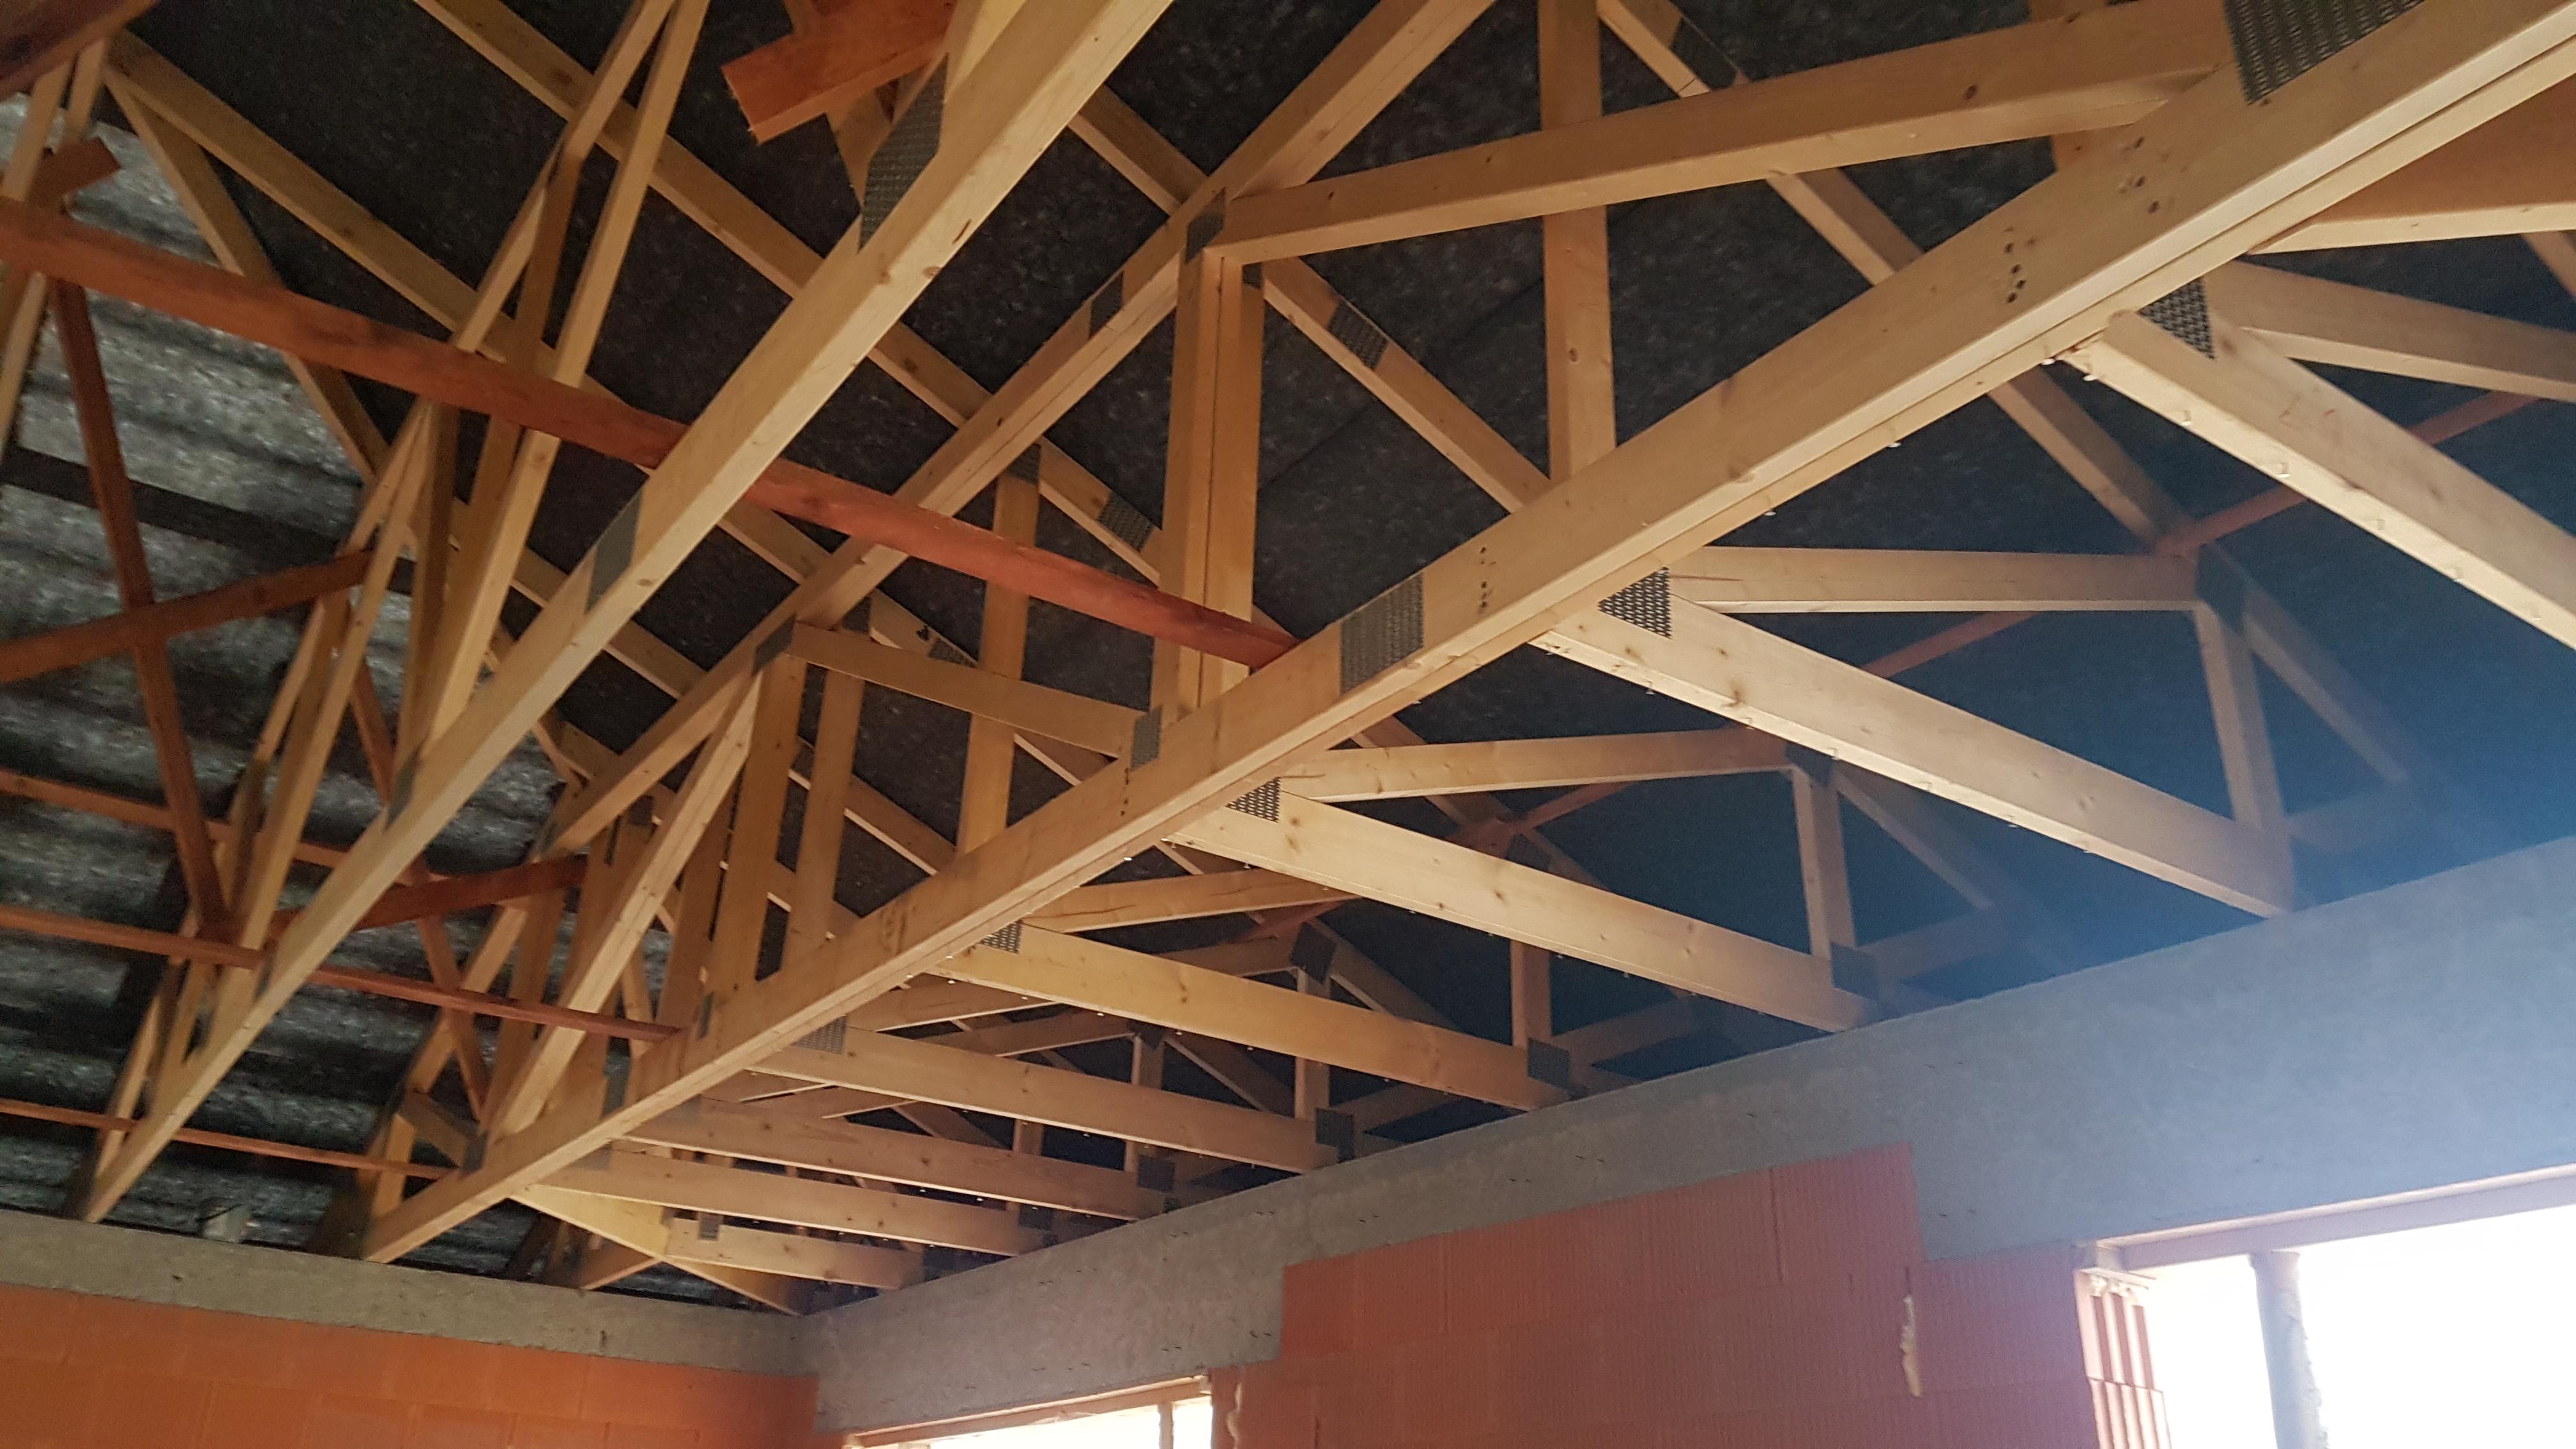 zipov1-krovy-strechy-vazniky-priehradove-vyroba-hydraulicka-ruka-04.jpg